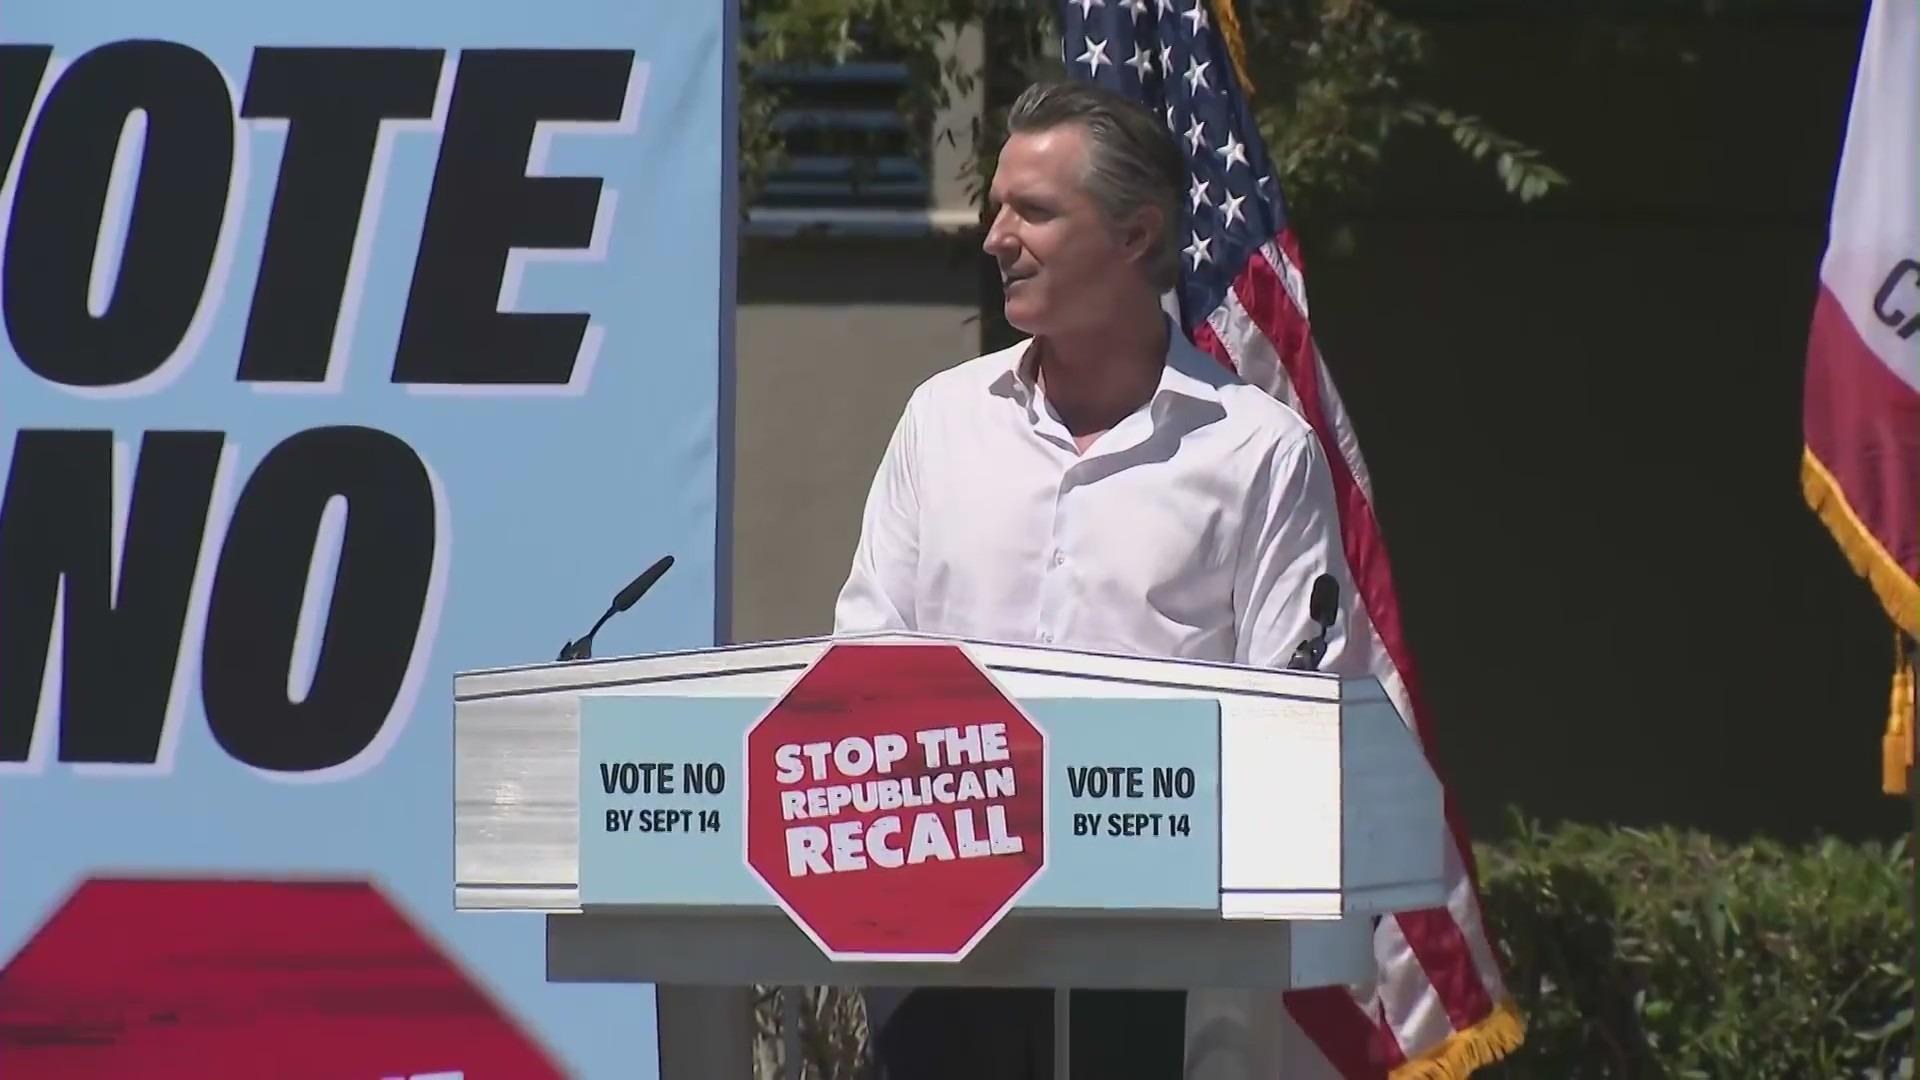 Gov. Gavin Newsom campaigned against the recall effort against him on Sept. 5, 2021. (KTLA)